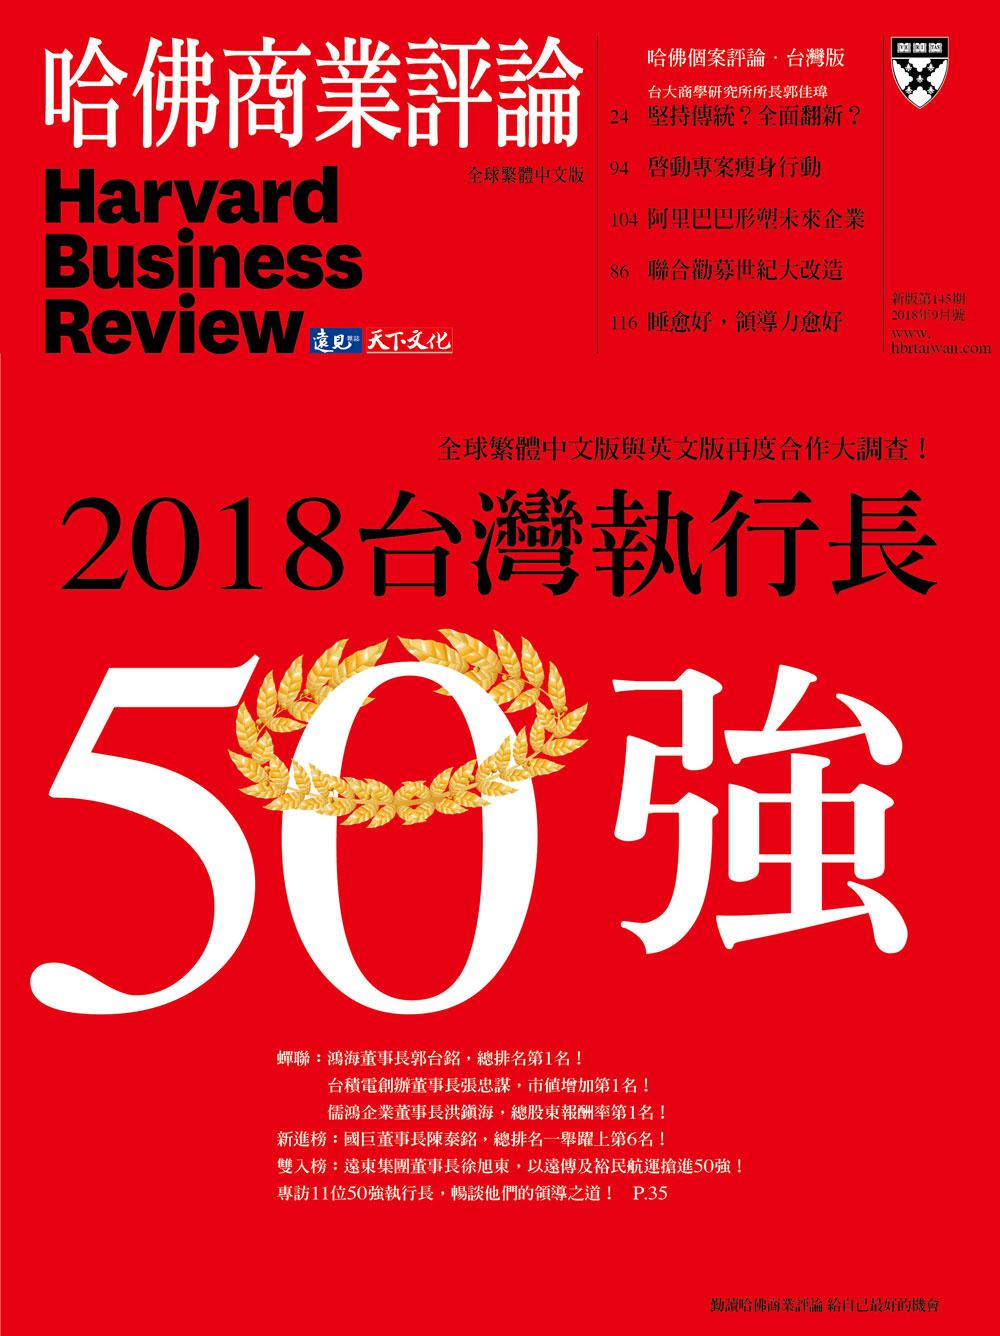 哈佛商業評論全球中文版一年12期+Gorenje歌蘭妮 蔬果調理機(JC800E-TW)